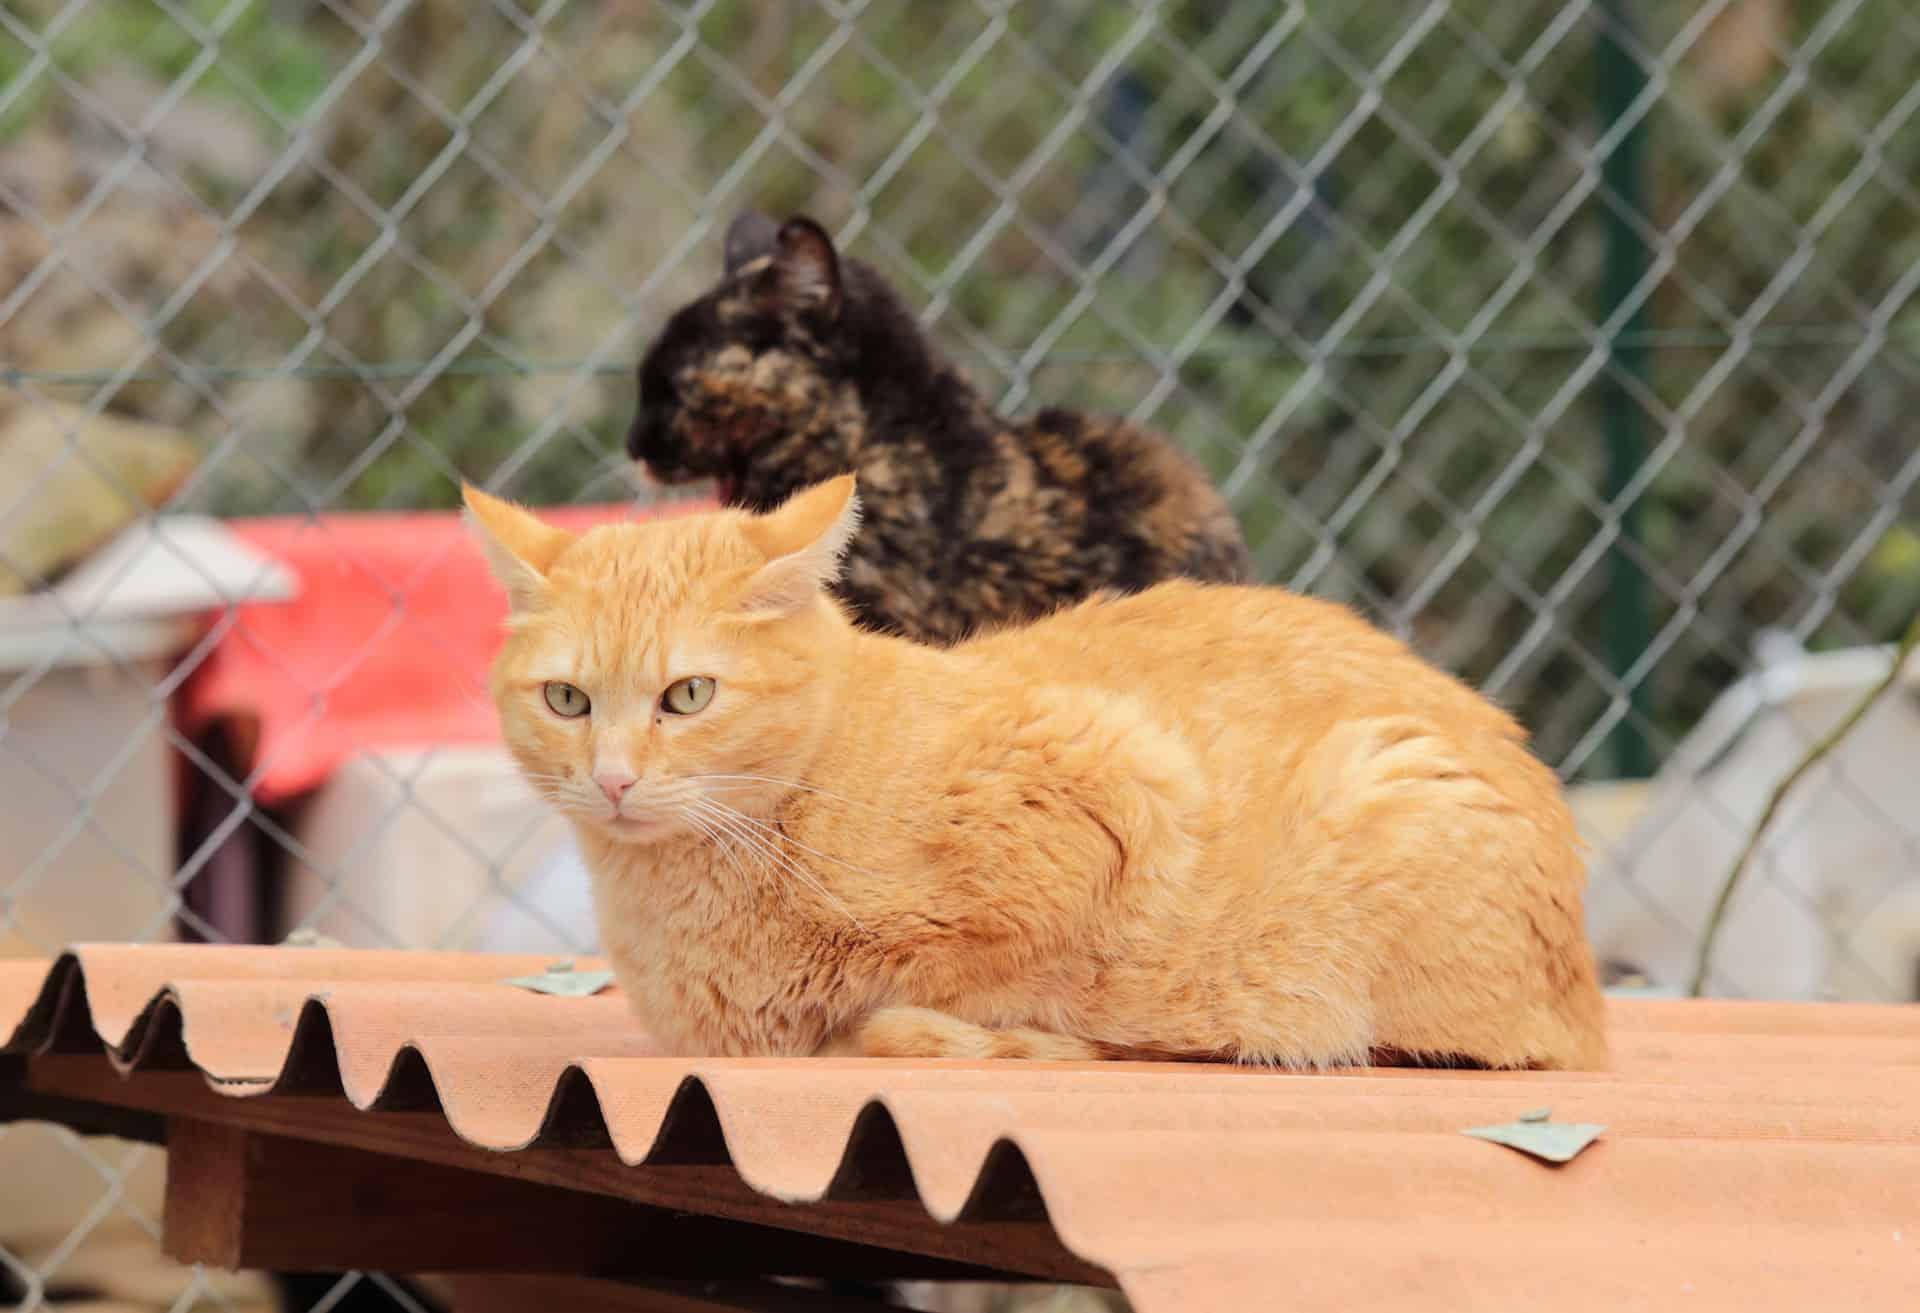 Katze sitzt auf Wellblechdach